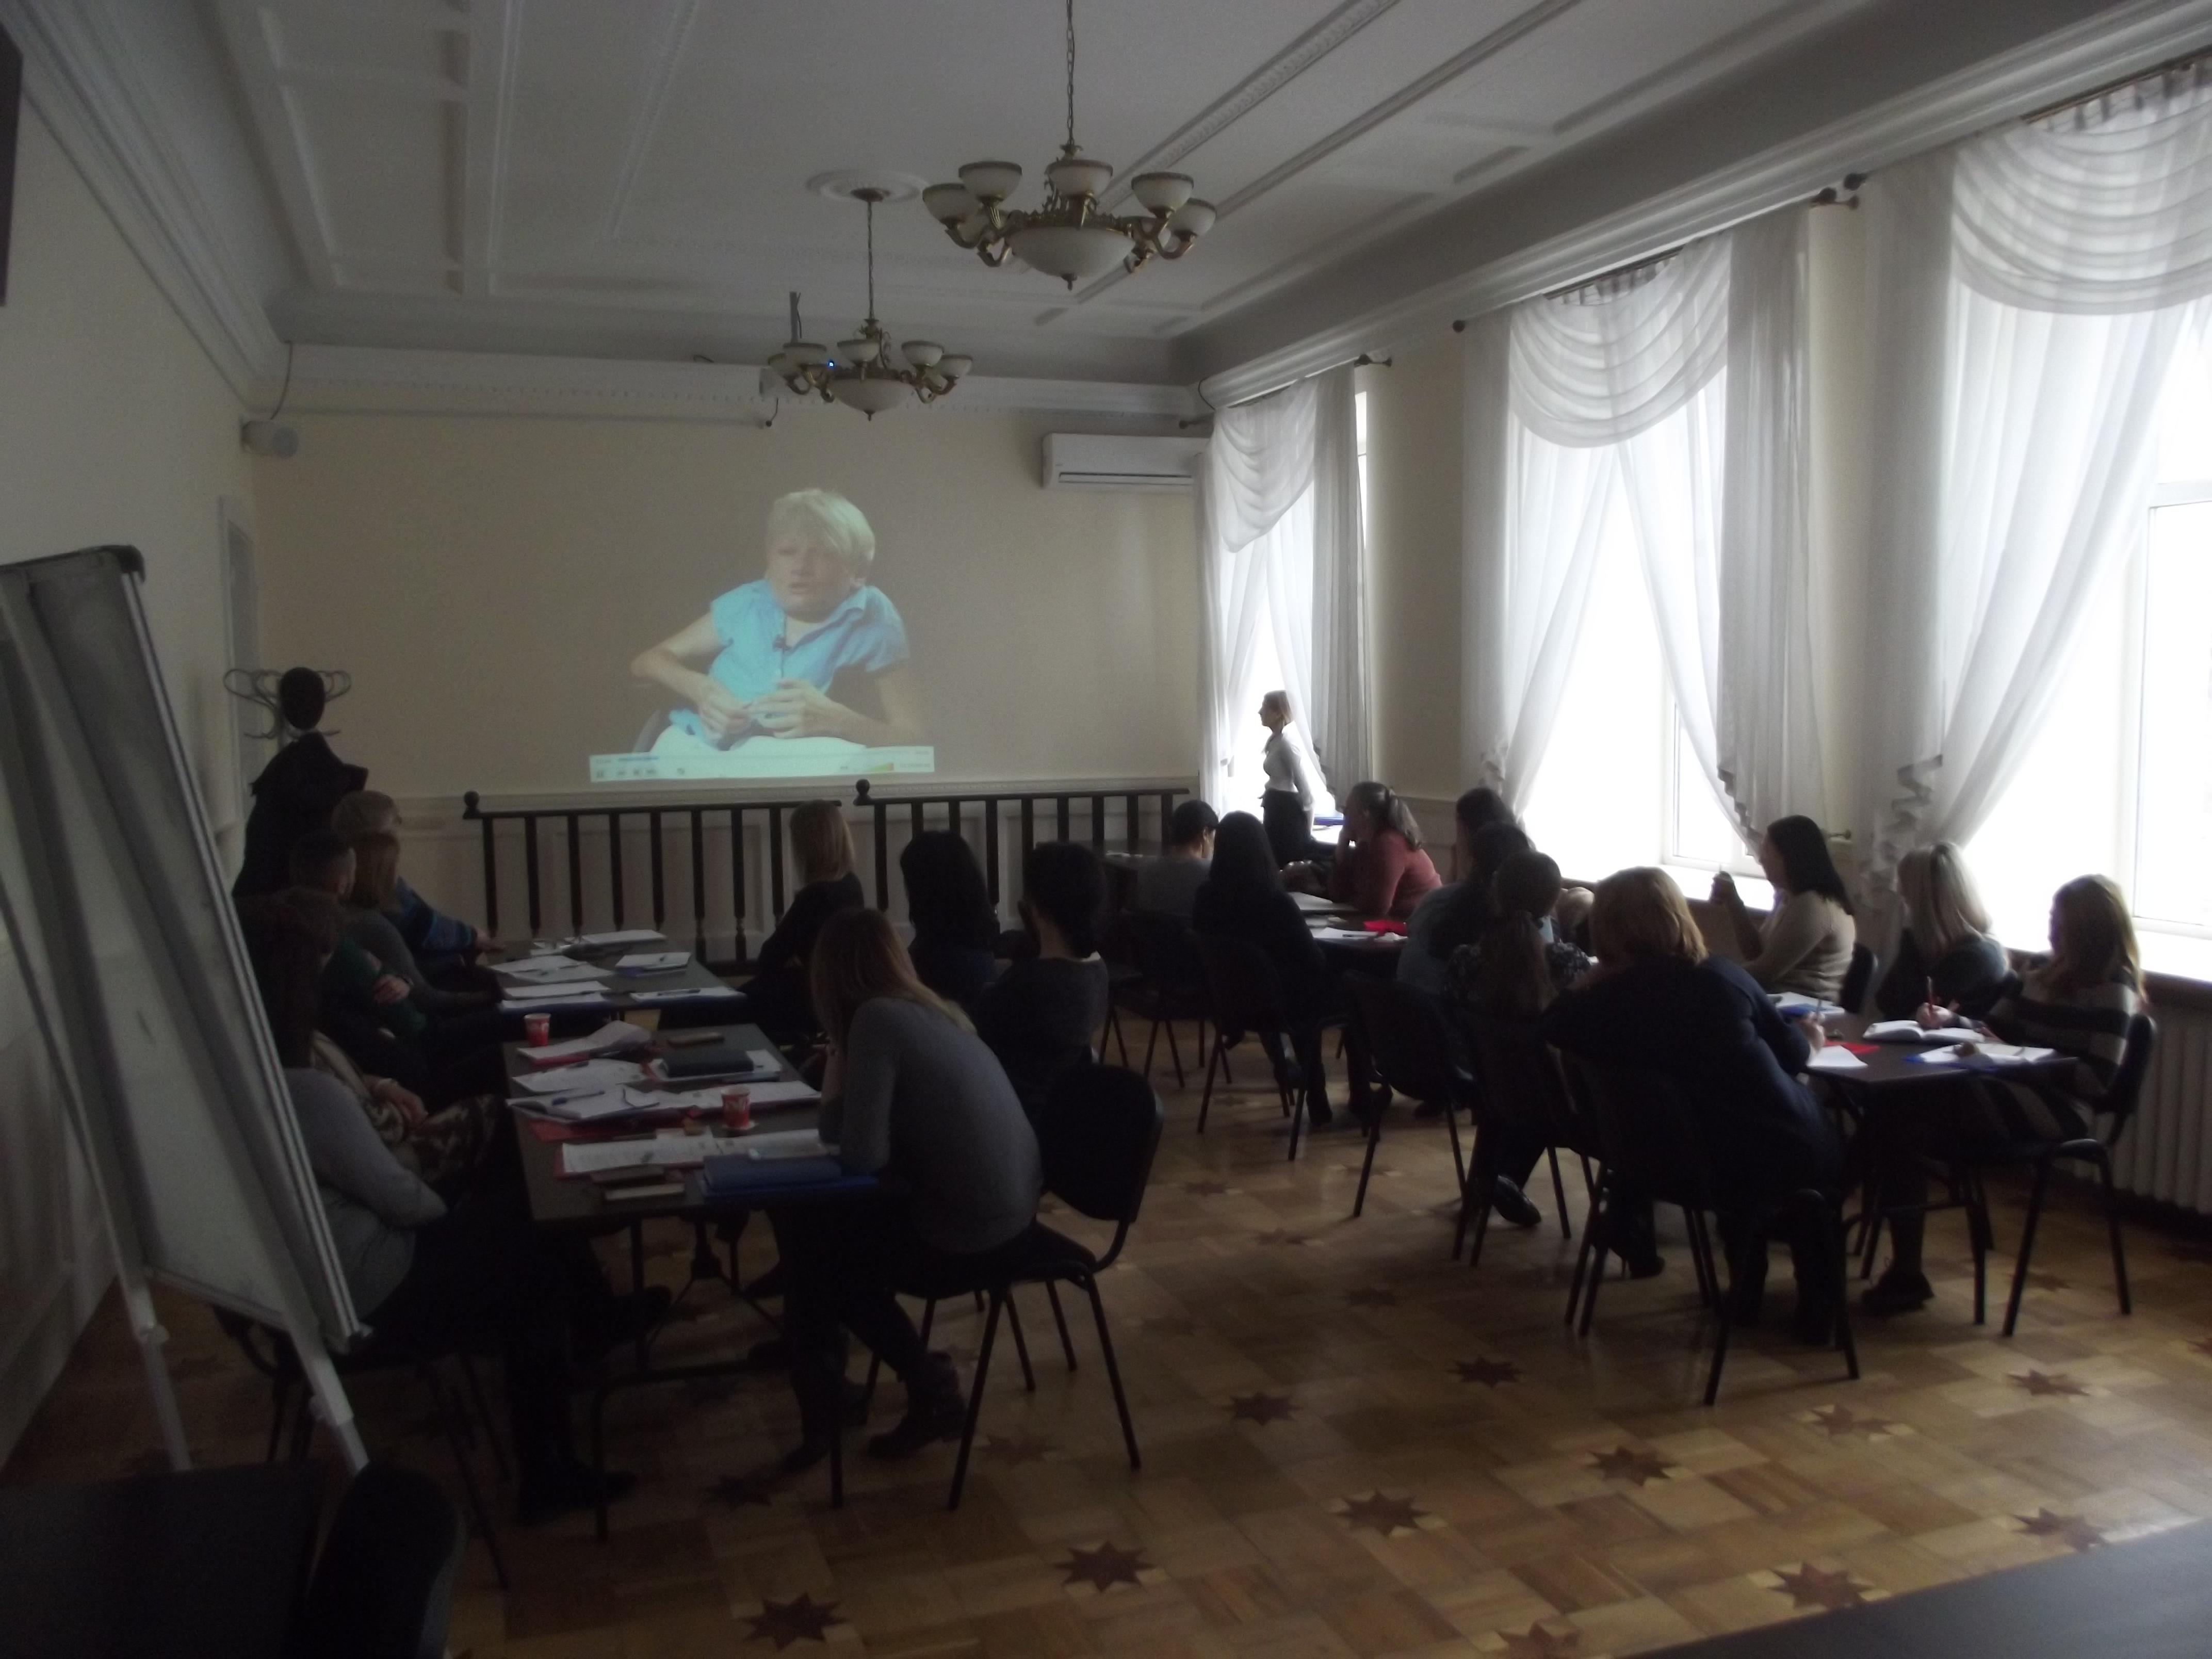 Працівники судів Івано-Франківщини покращили рівень спілкування та роботи  із людьми з інвалідністю